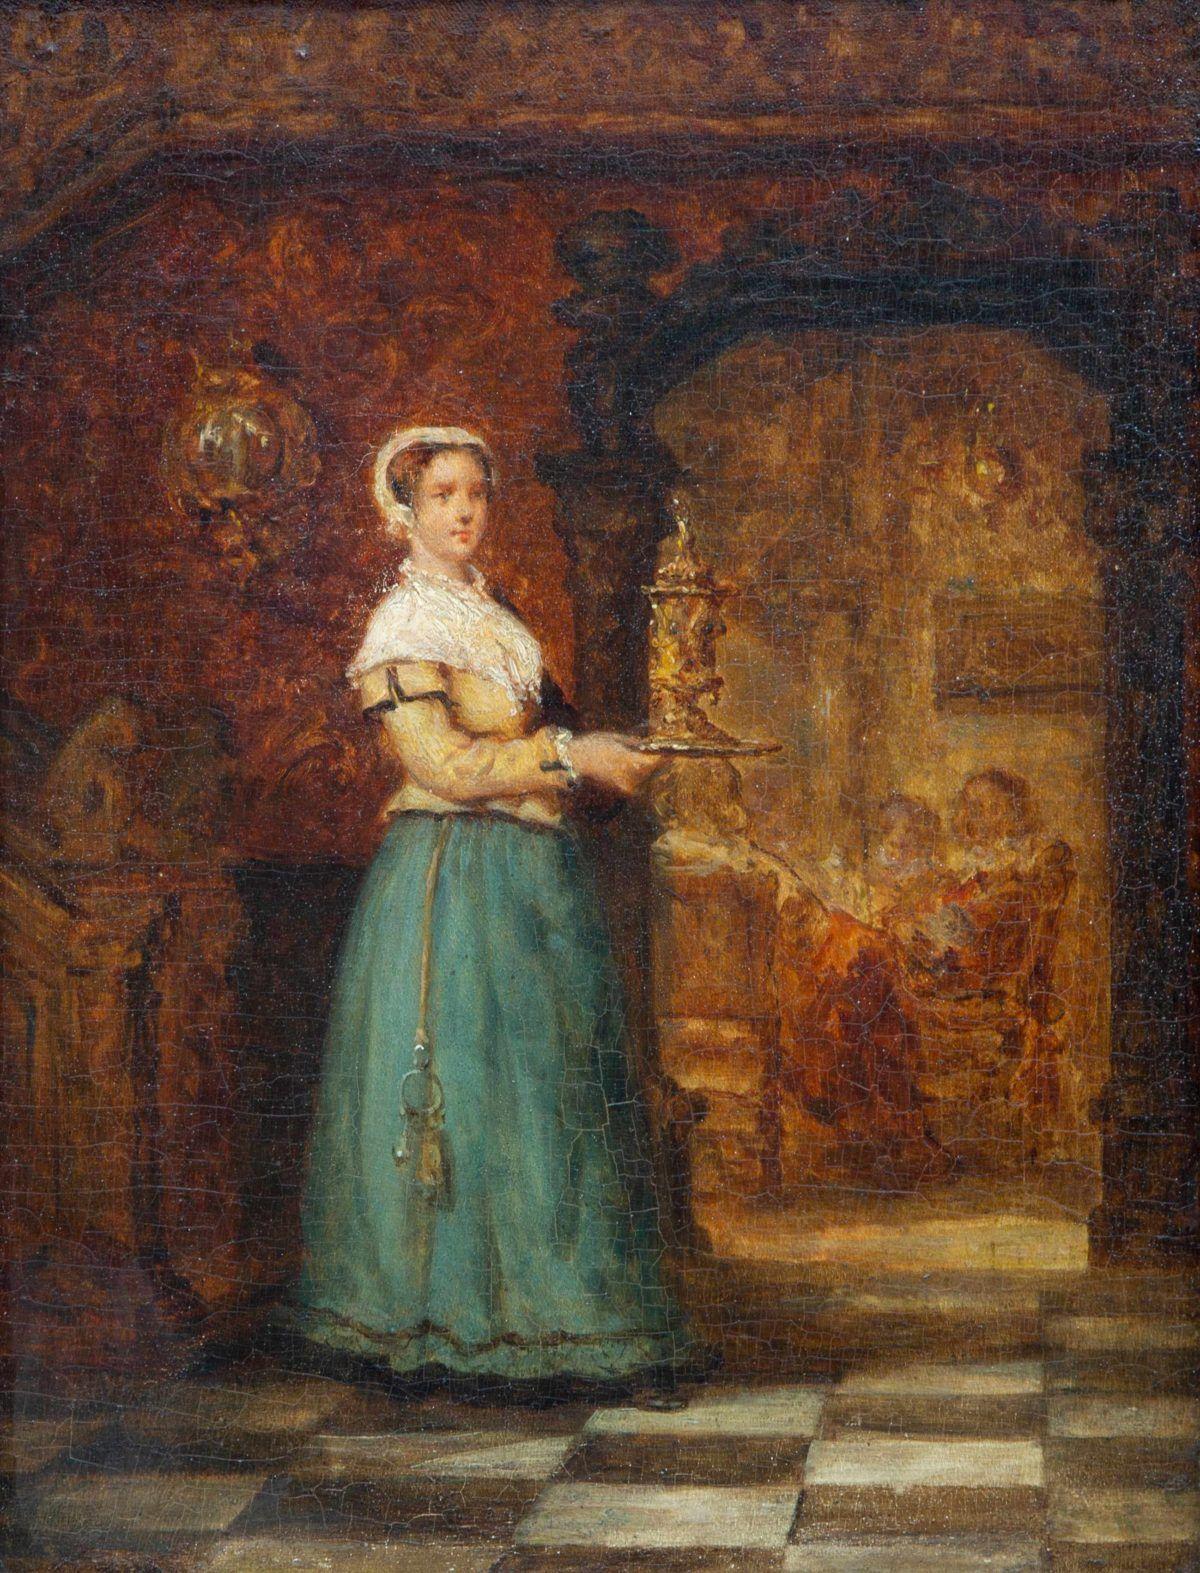 Schilderij met een dame met een chatelaine